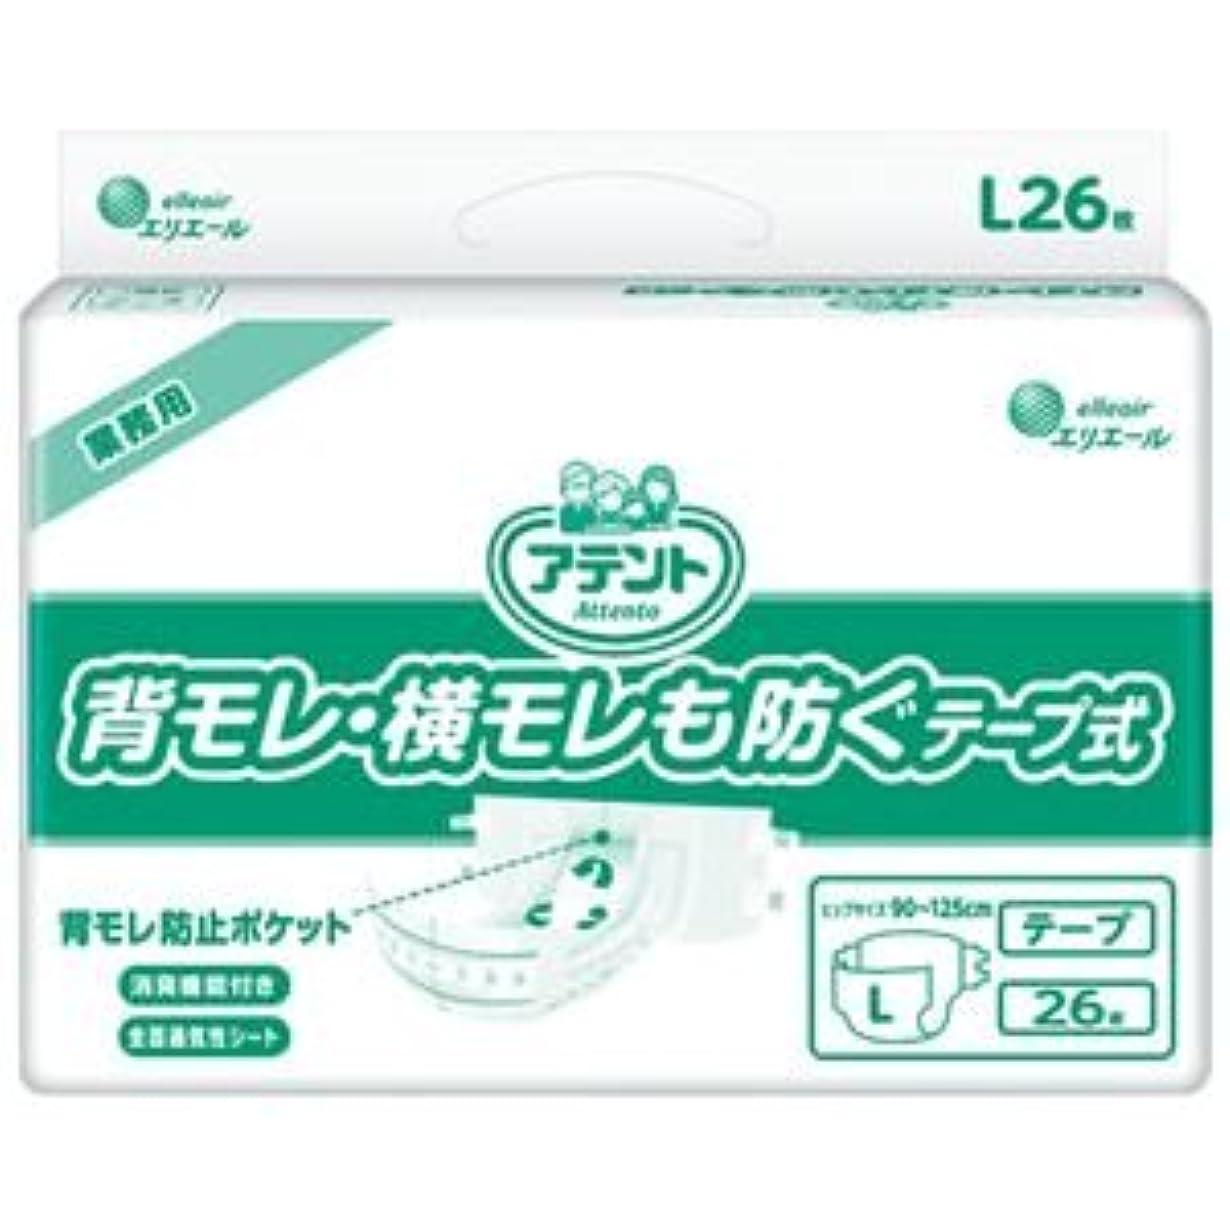 安心直接有名大王製紙 アテントテープ式L26枚背モレ横モレも防ぐ